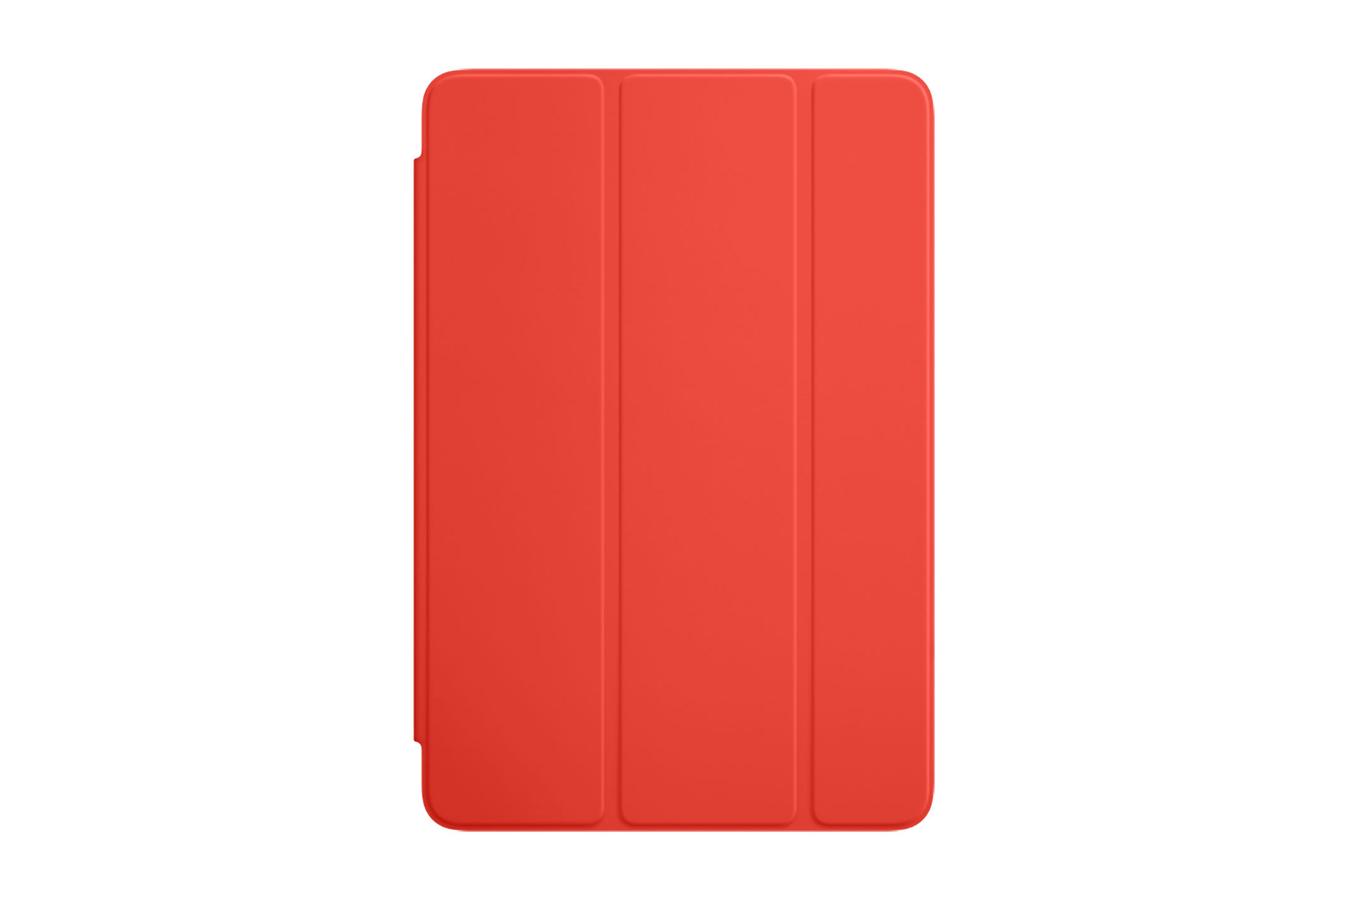 housse et tui pour tablette apple smart cover orange pour ipad mini 4 4167066 darty. Black Bedroom Furniture Sets. Home Design Ideas